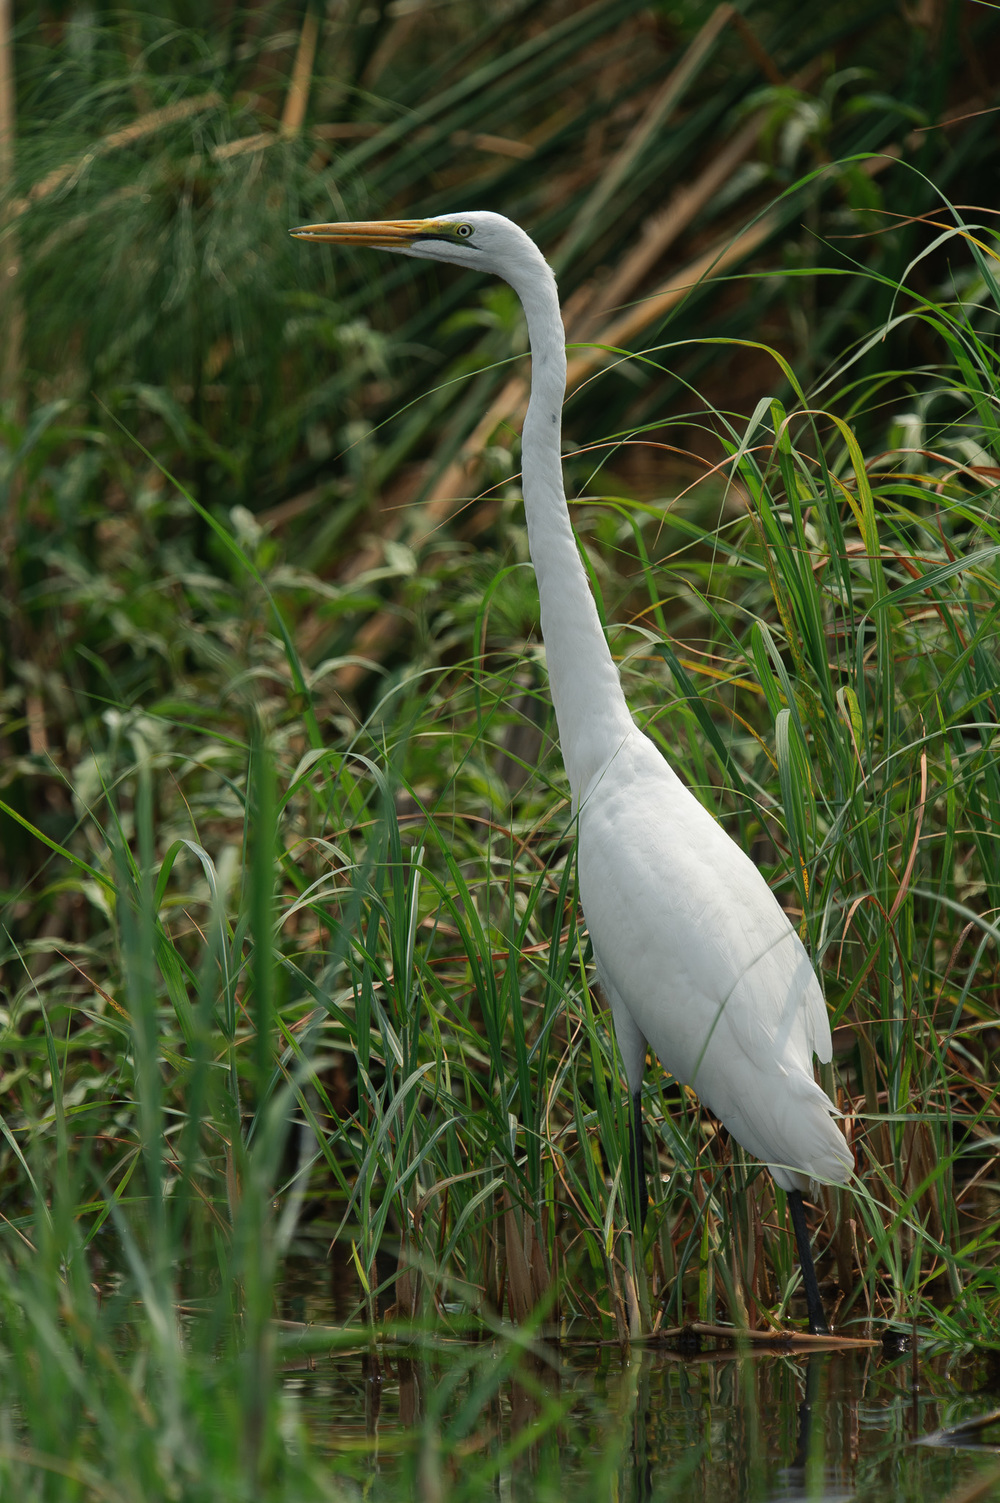 Great White Egret, Zambezi River, Chobe NP, Botswana